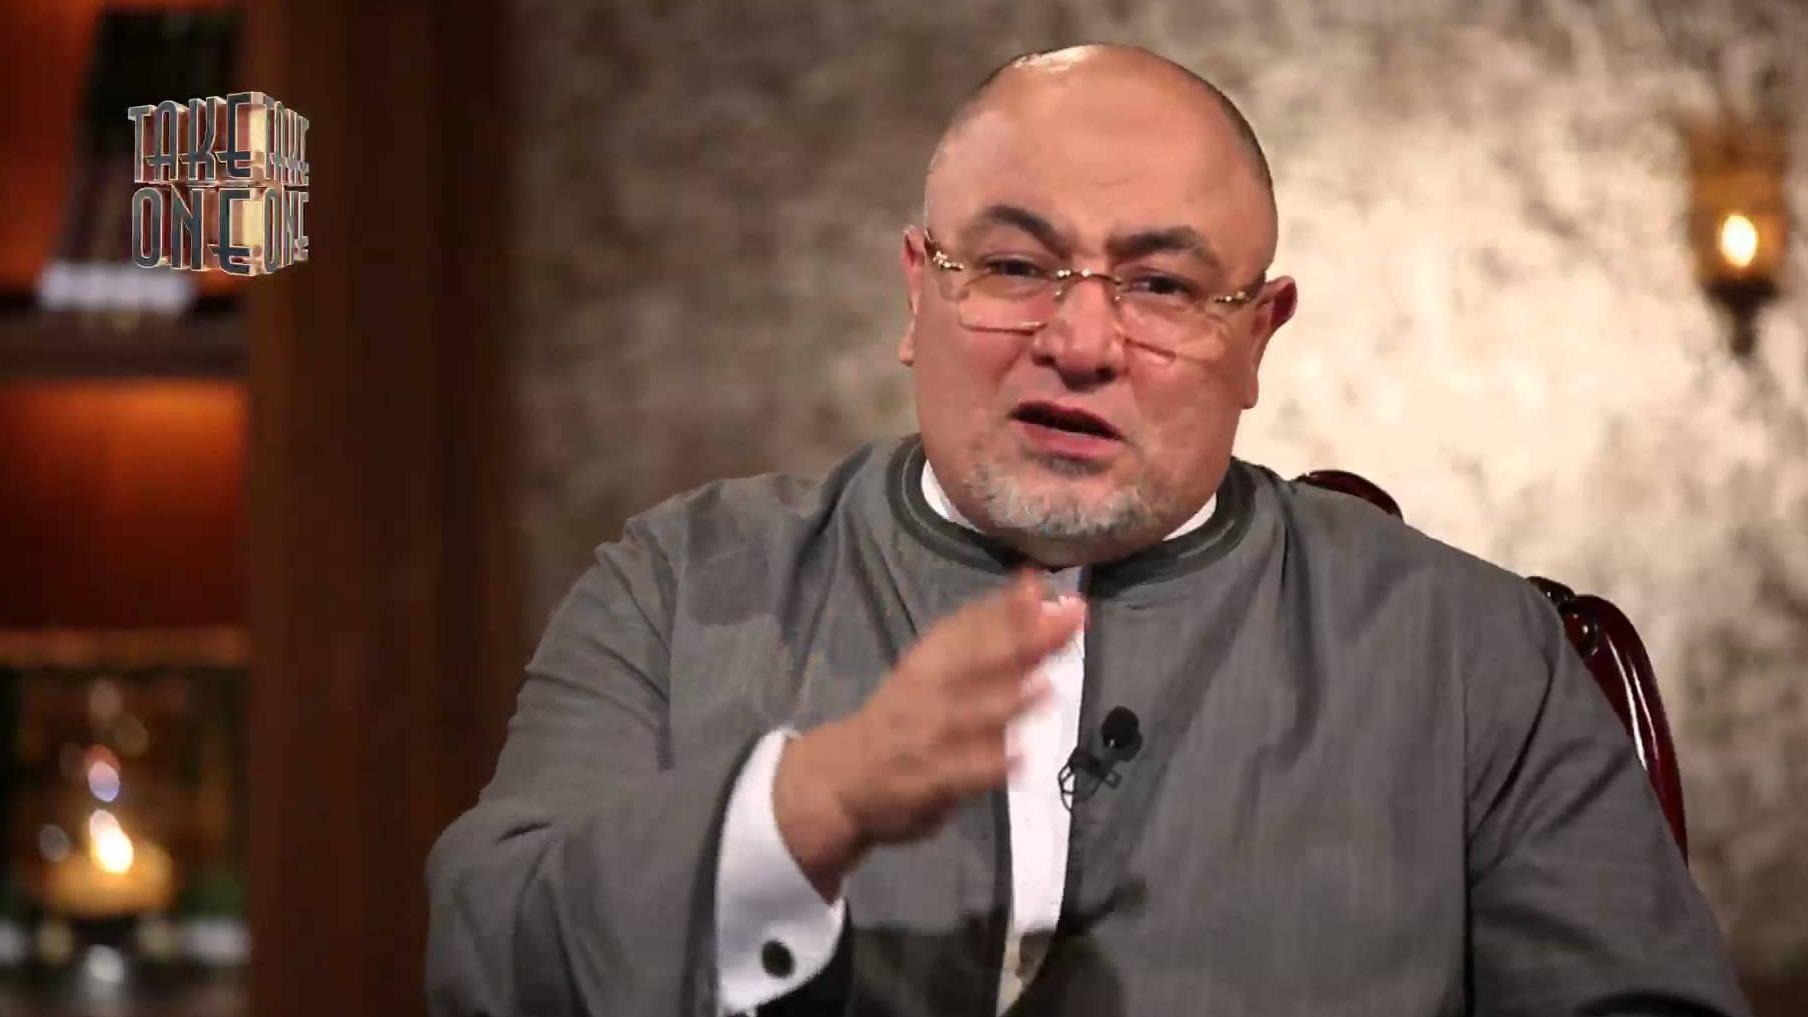 داعية إسلامي: الجهر بالمعاصي إعلان حرب على الله (فيديو)